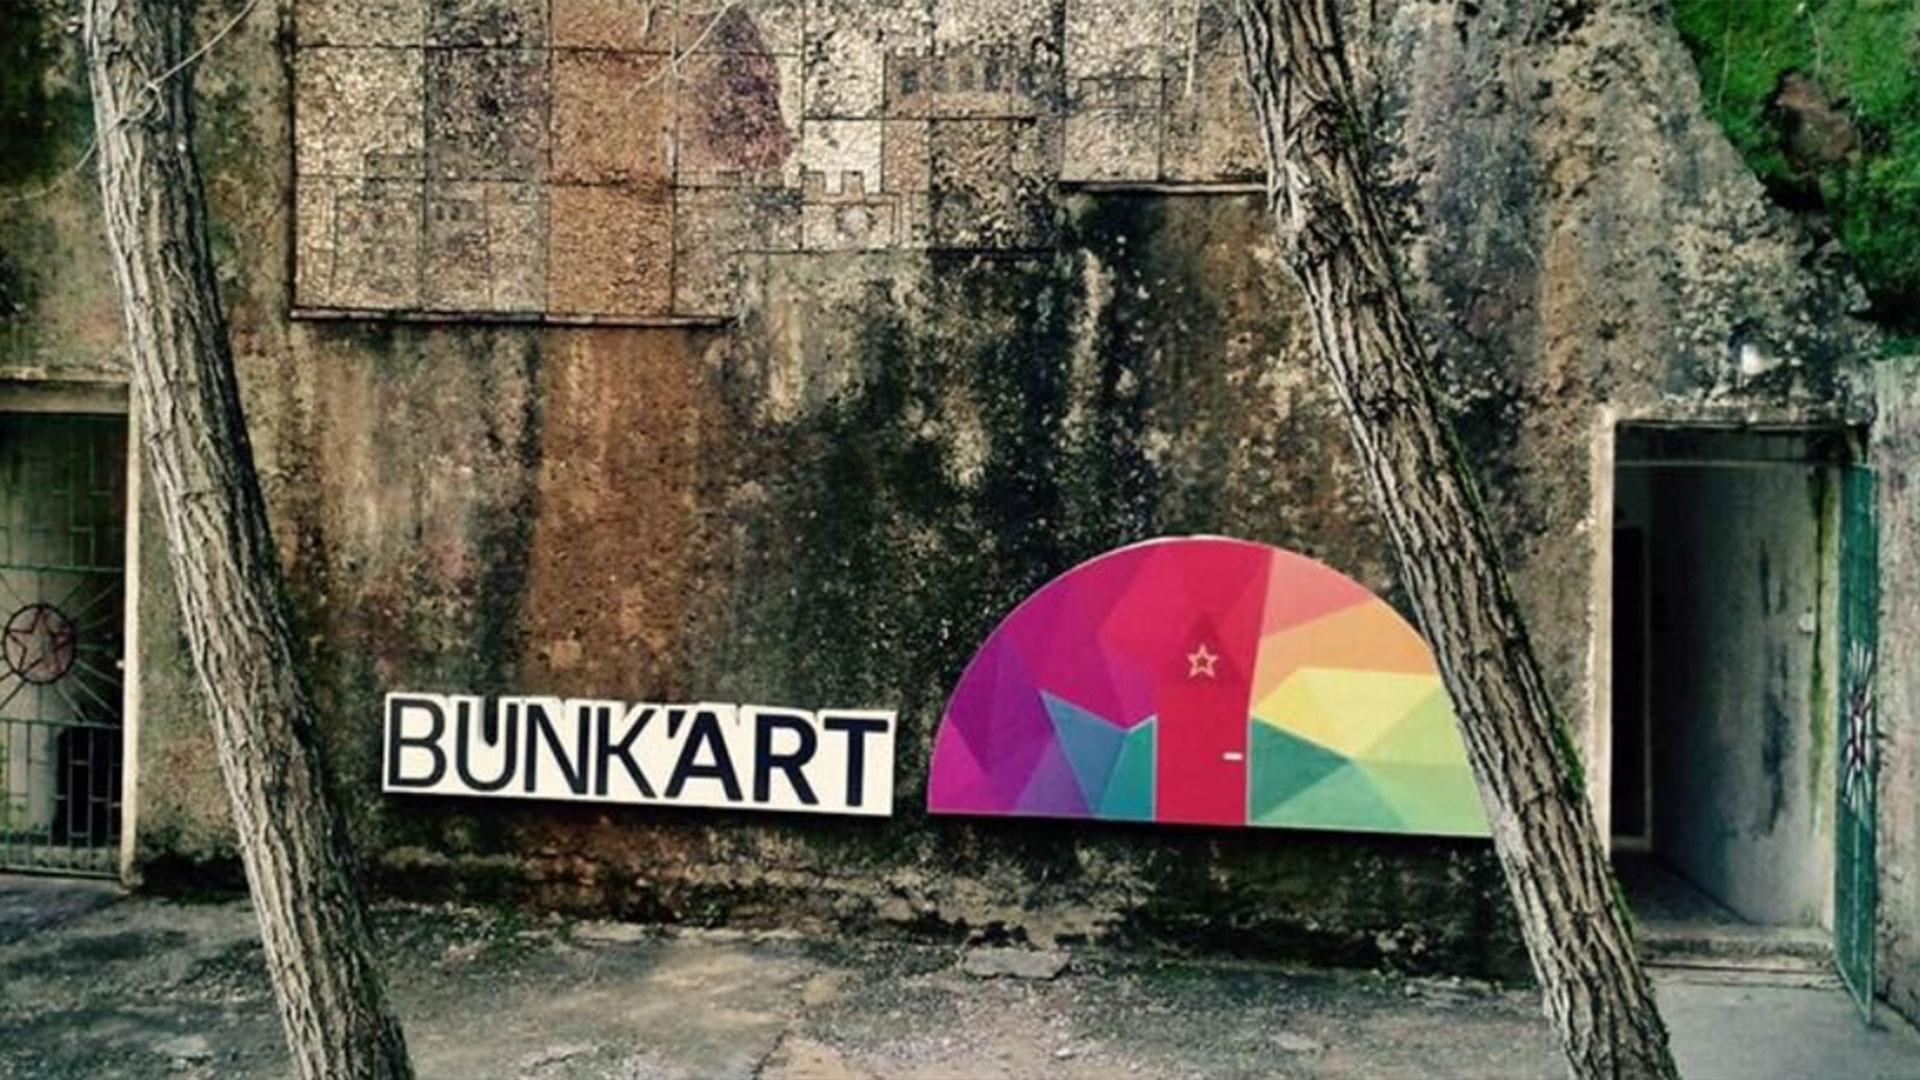 bunkart-5